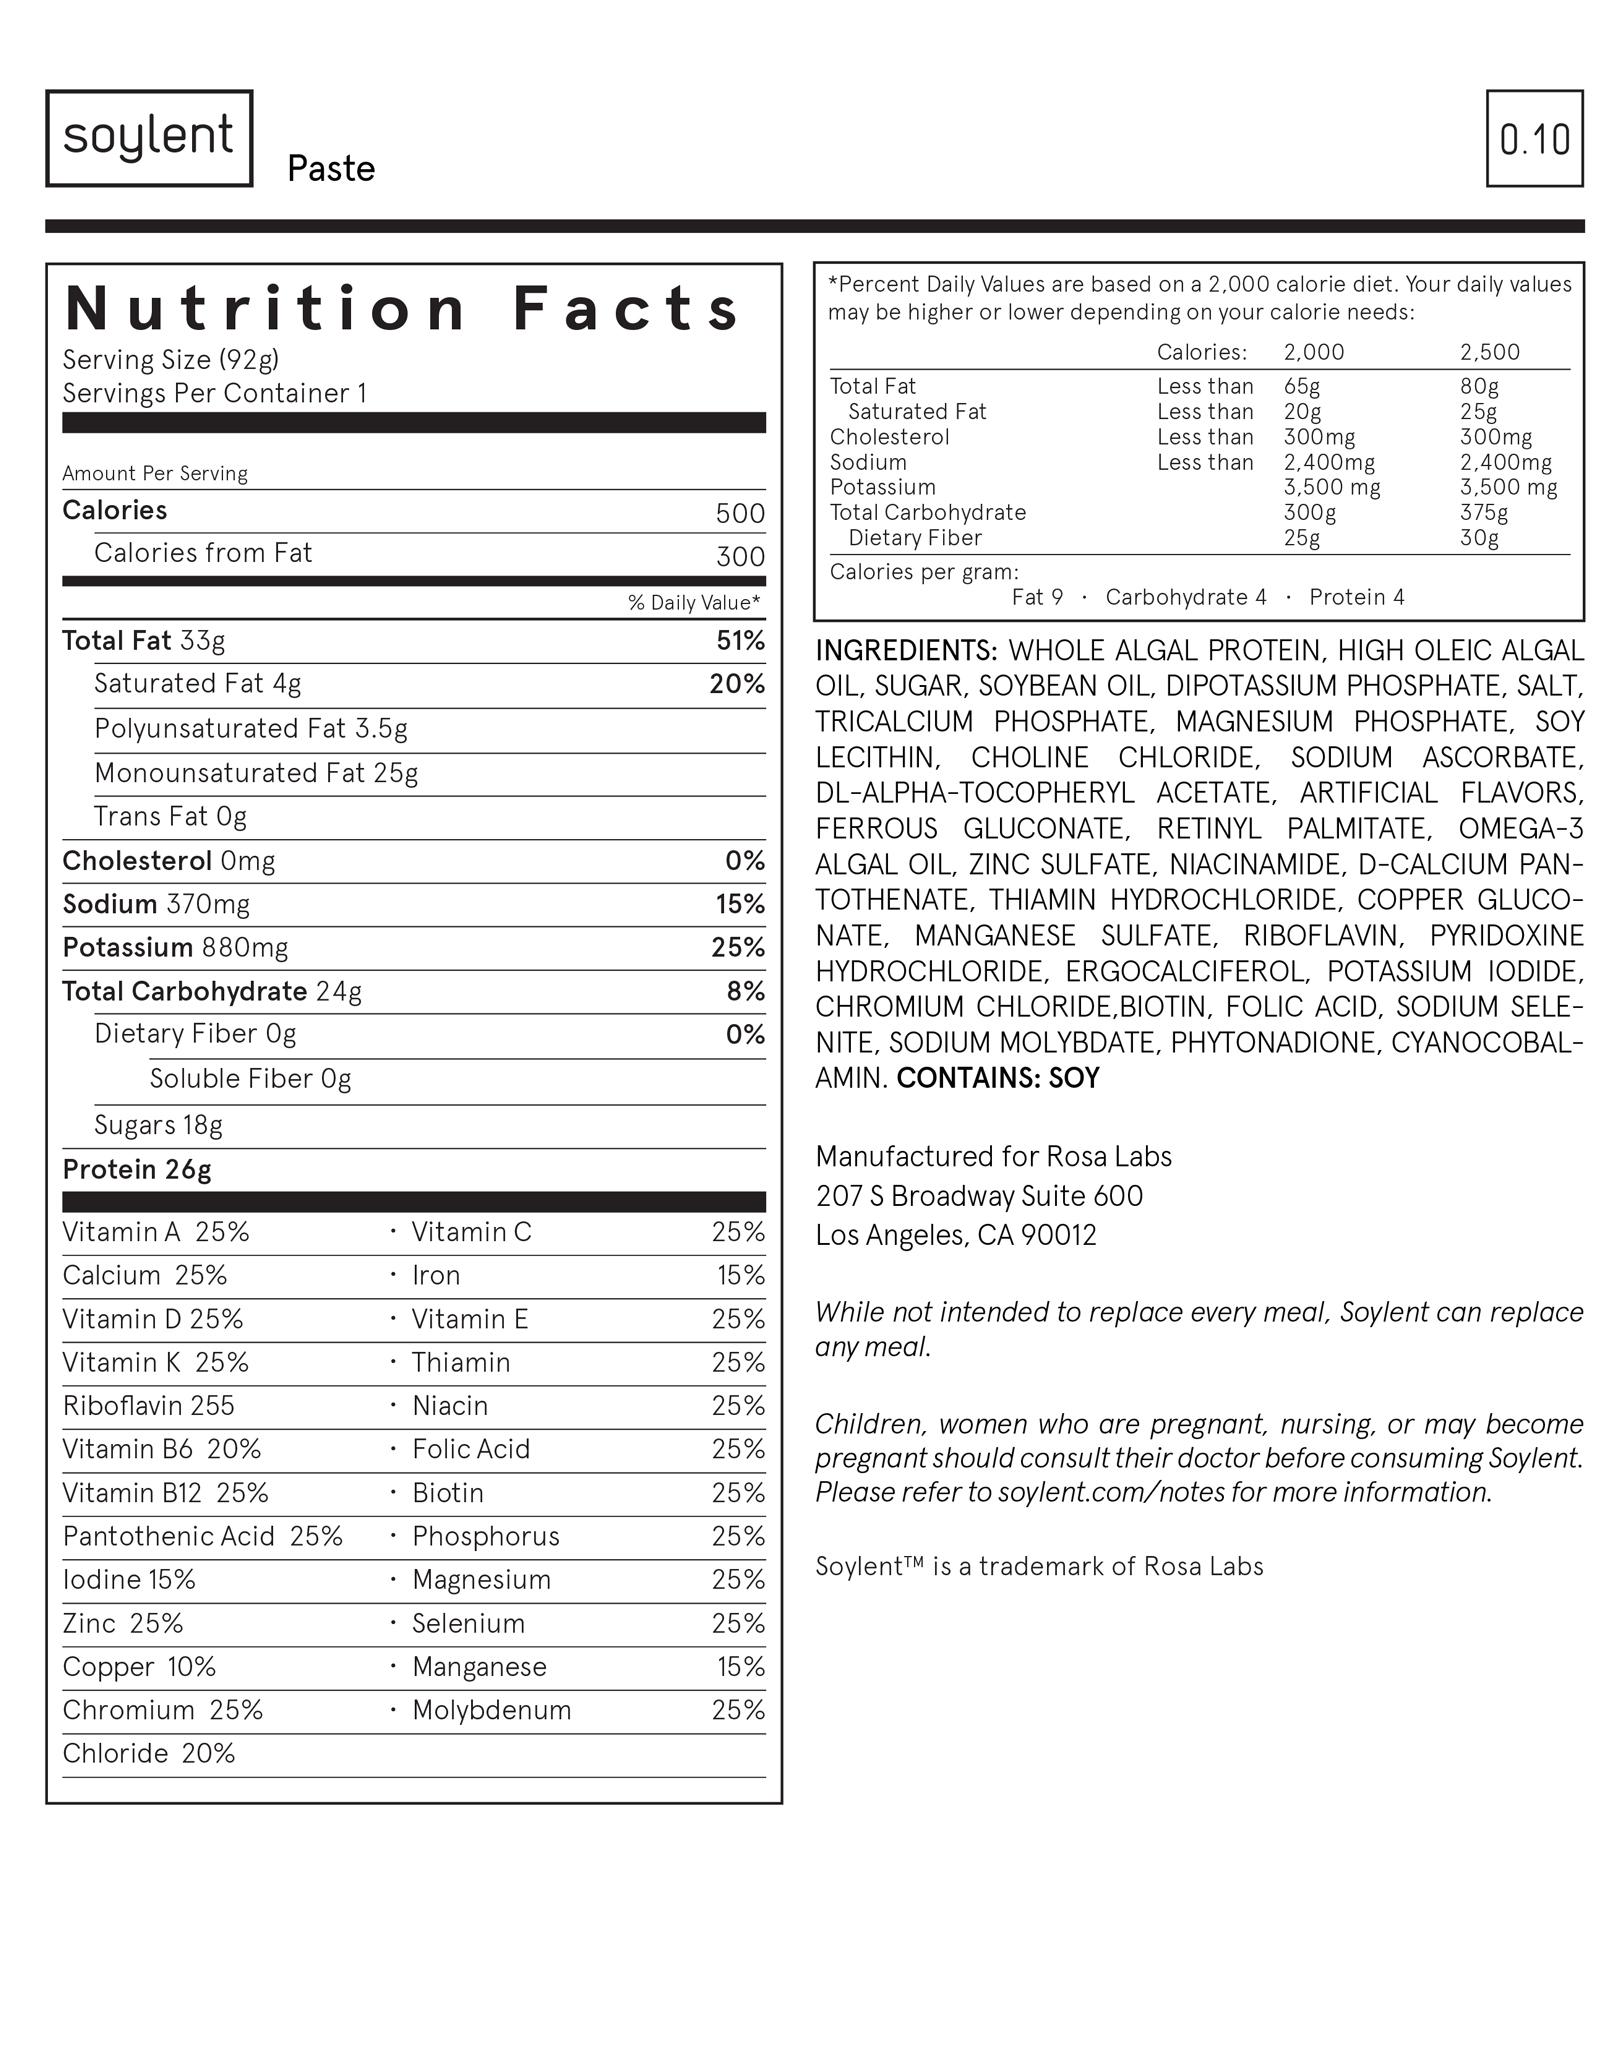 soylent-nutrition-facts-paste